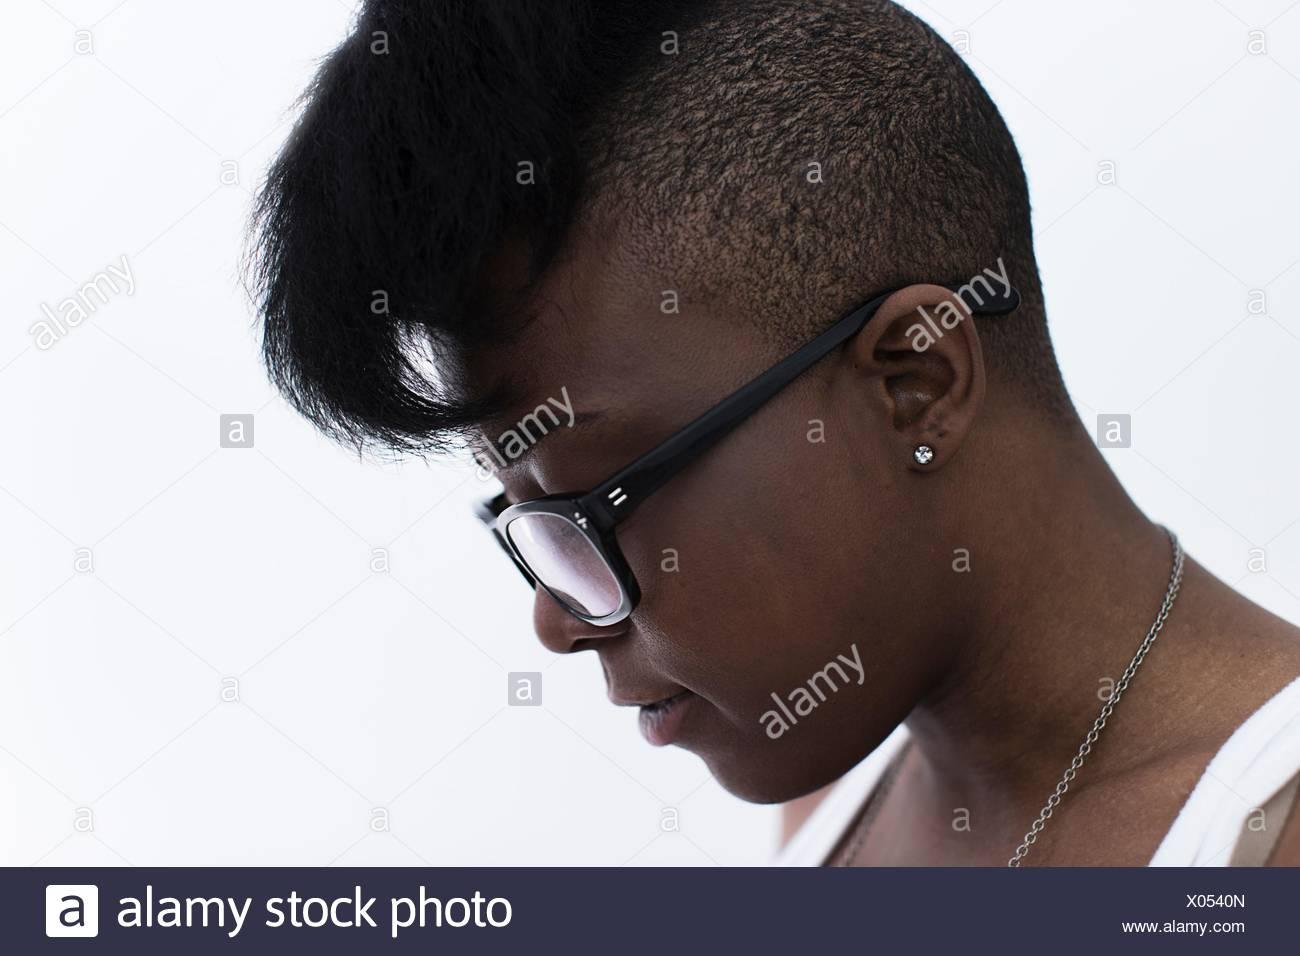 Studio Profile retrato de mujer joven con la cabeza rapada y quiff Foto de stock